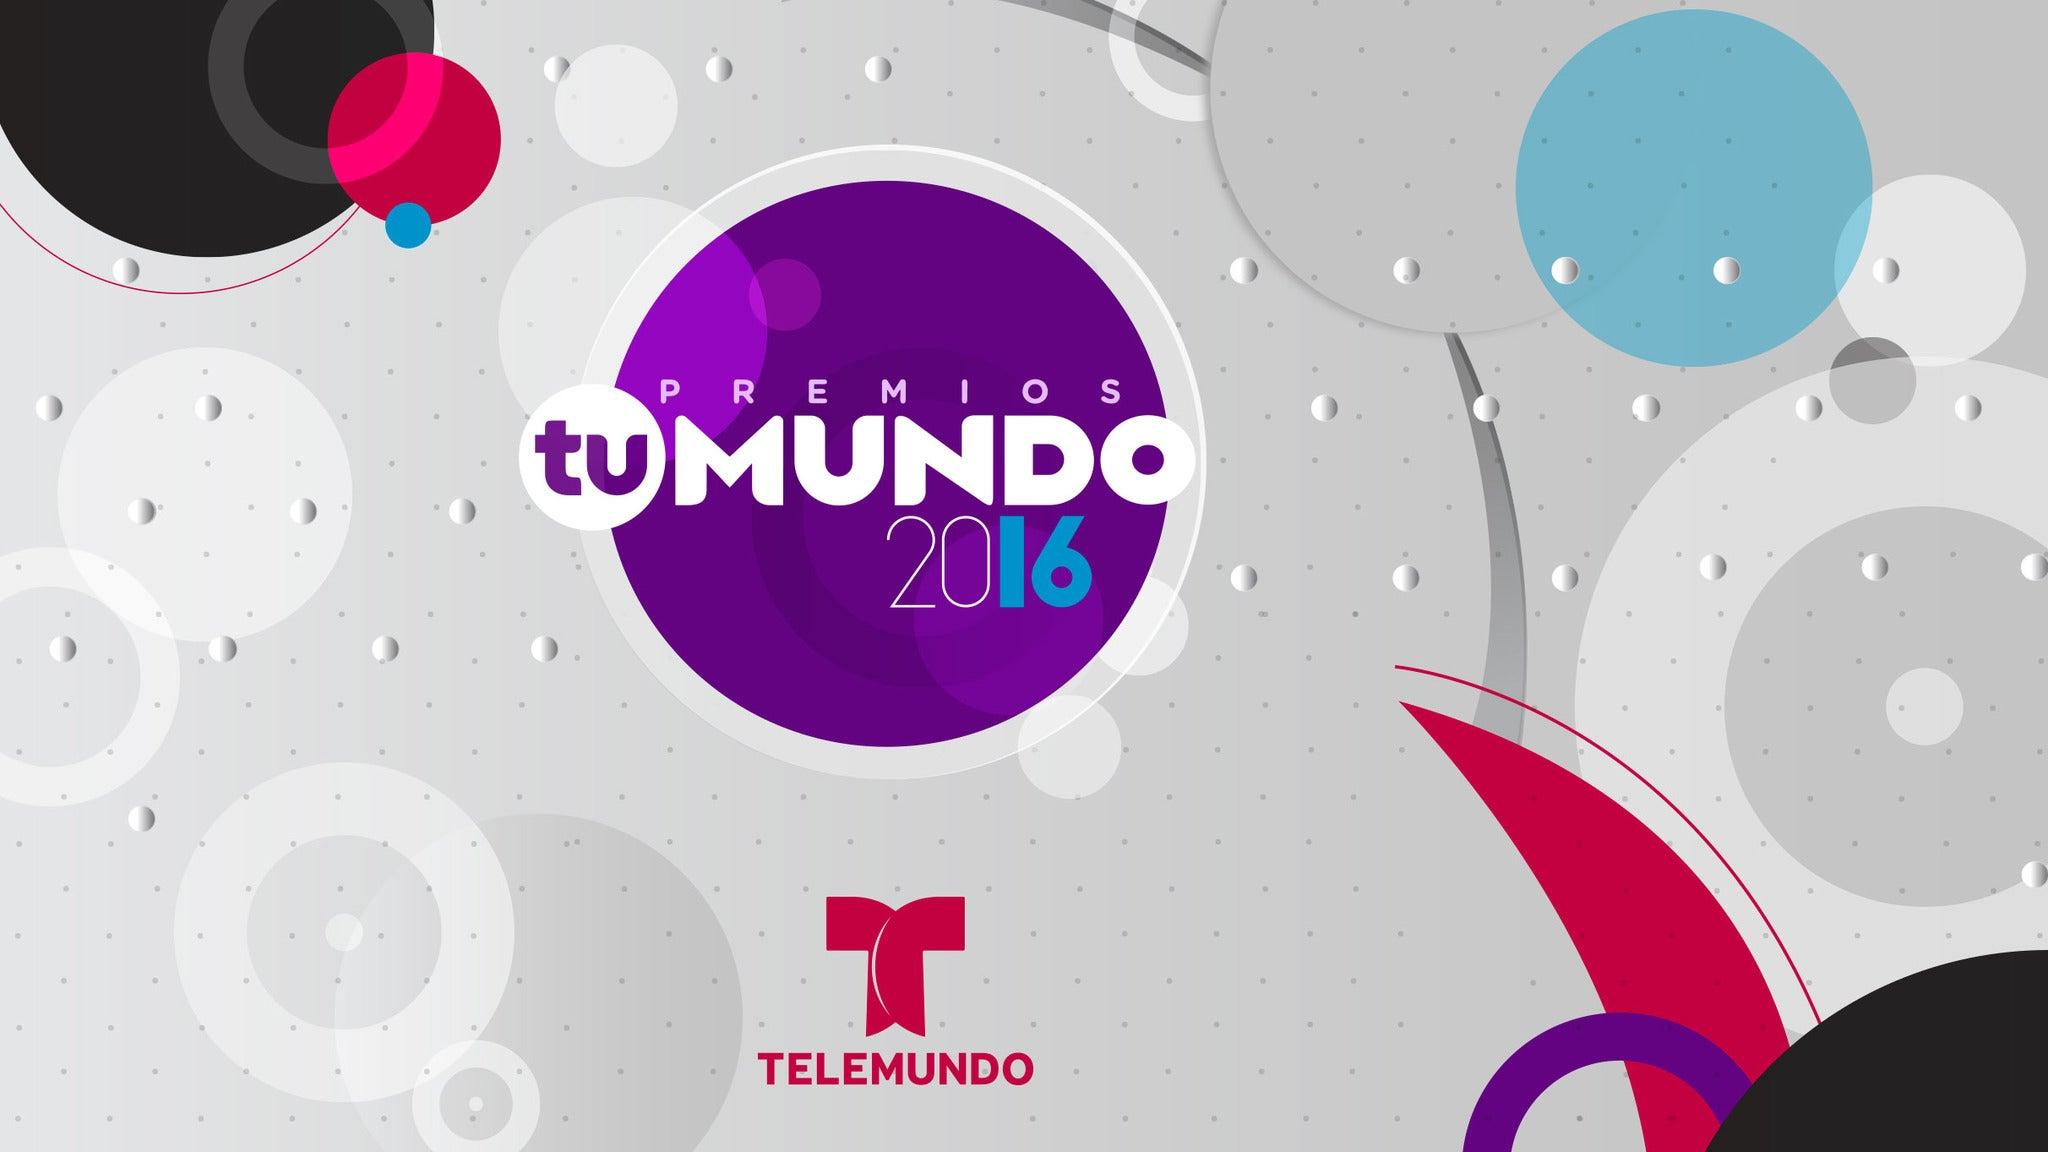 Premios Tu Mundo at AmericanAirlines Arena